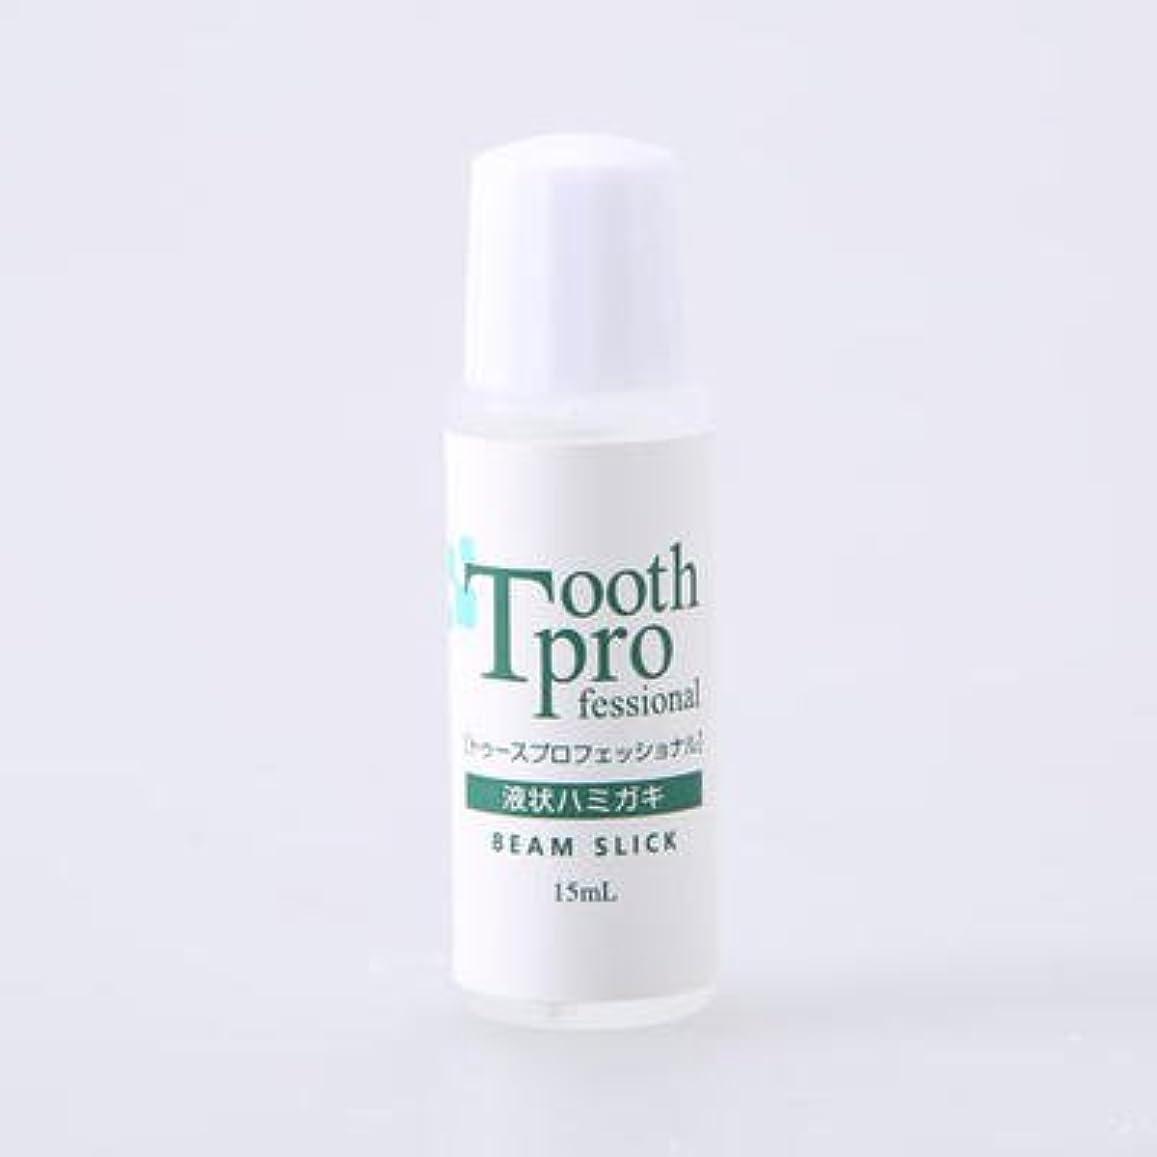 項目死の顎溶かすトゥースプロフェッショナル【限定品】(15ml)